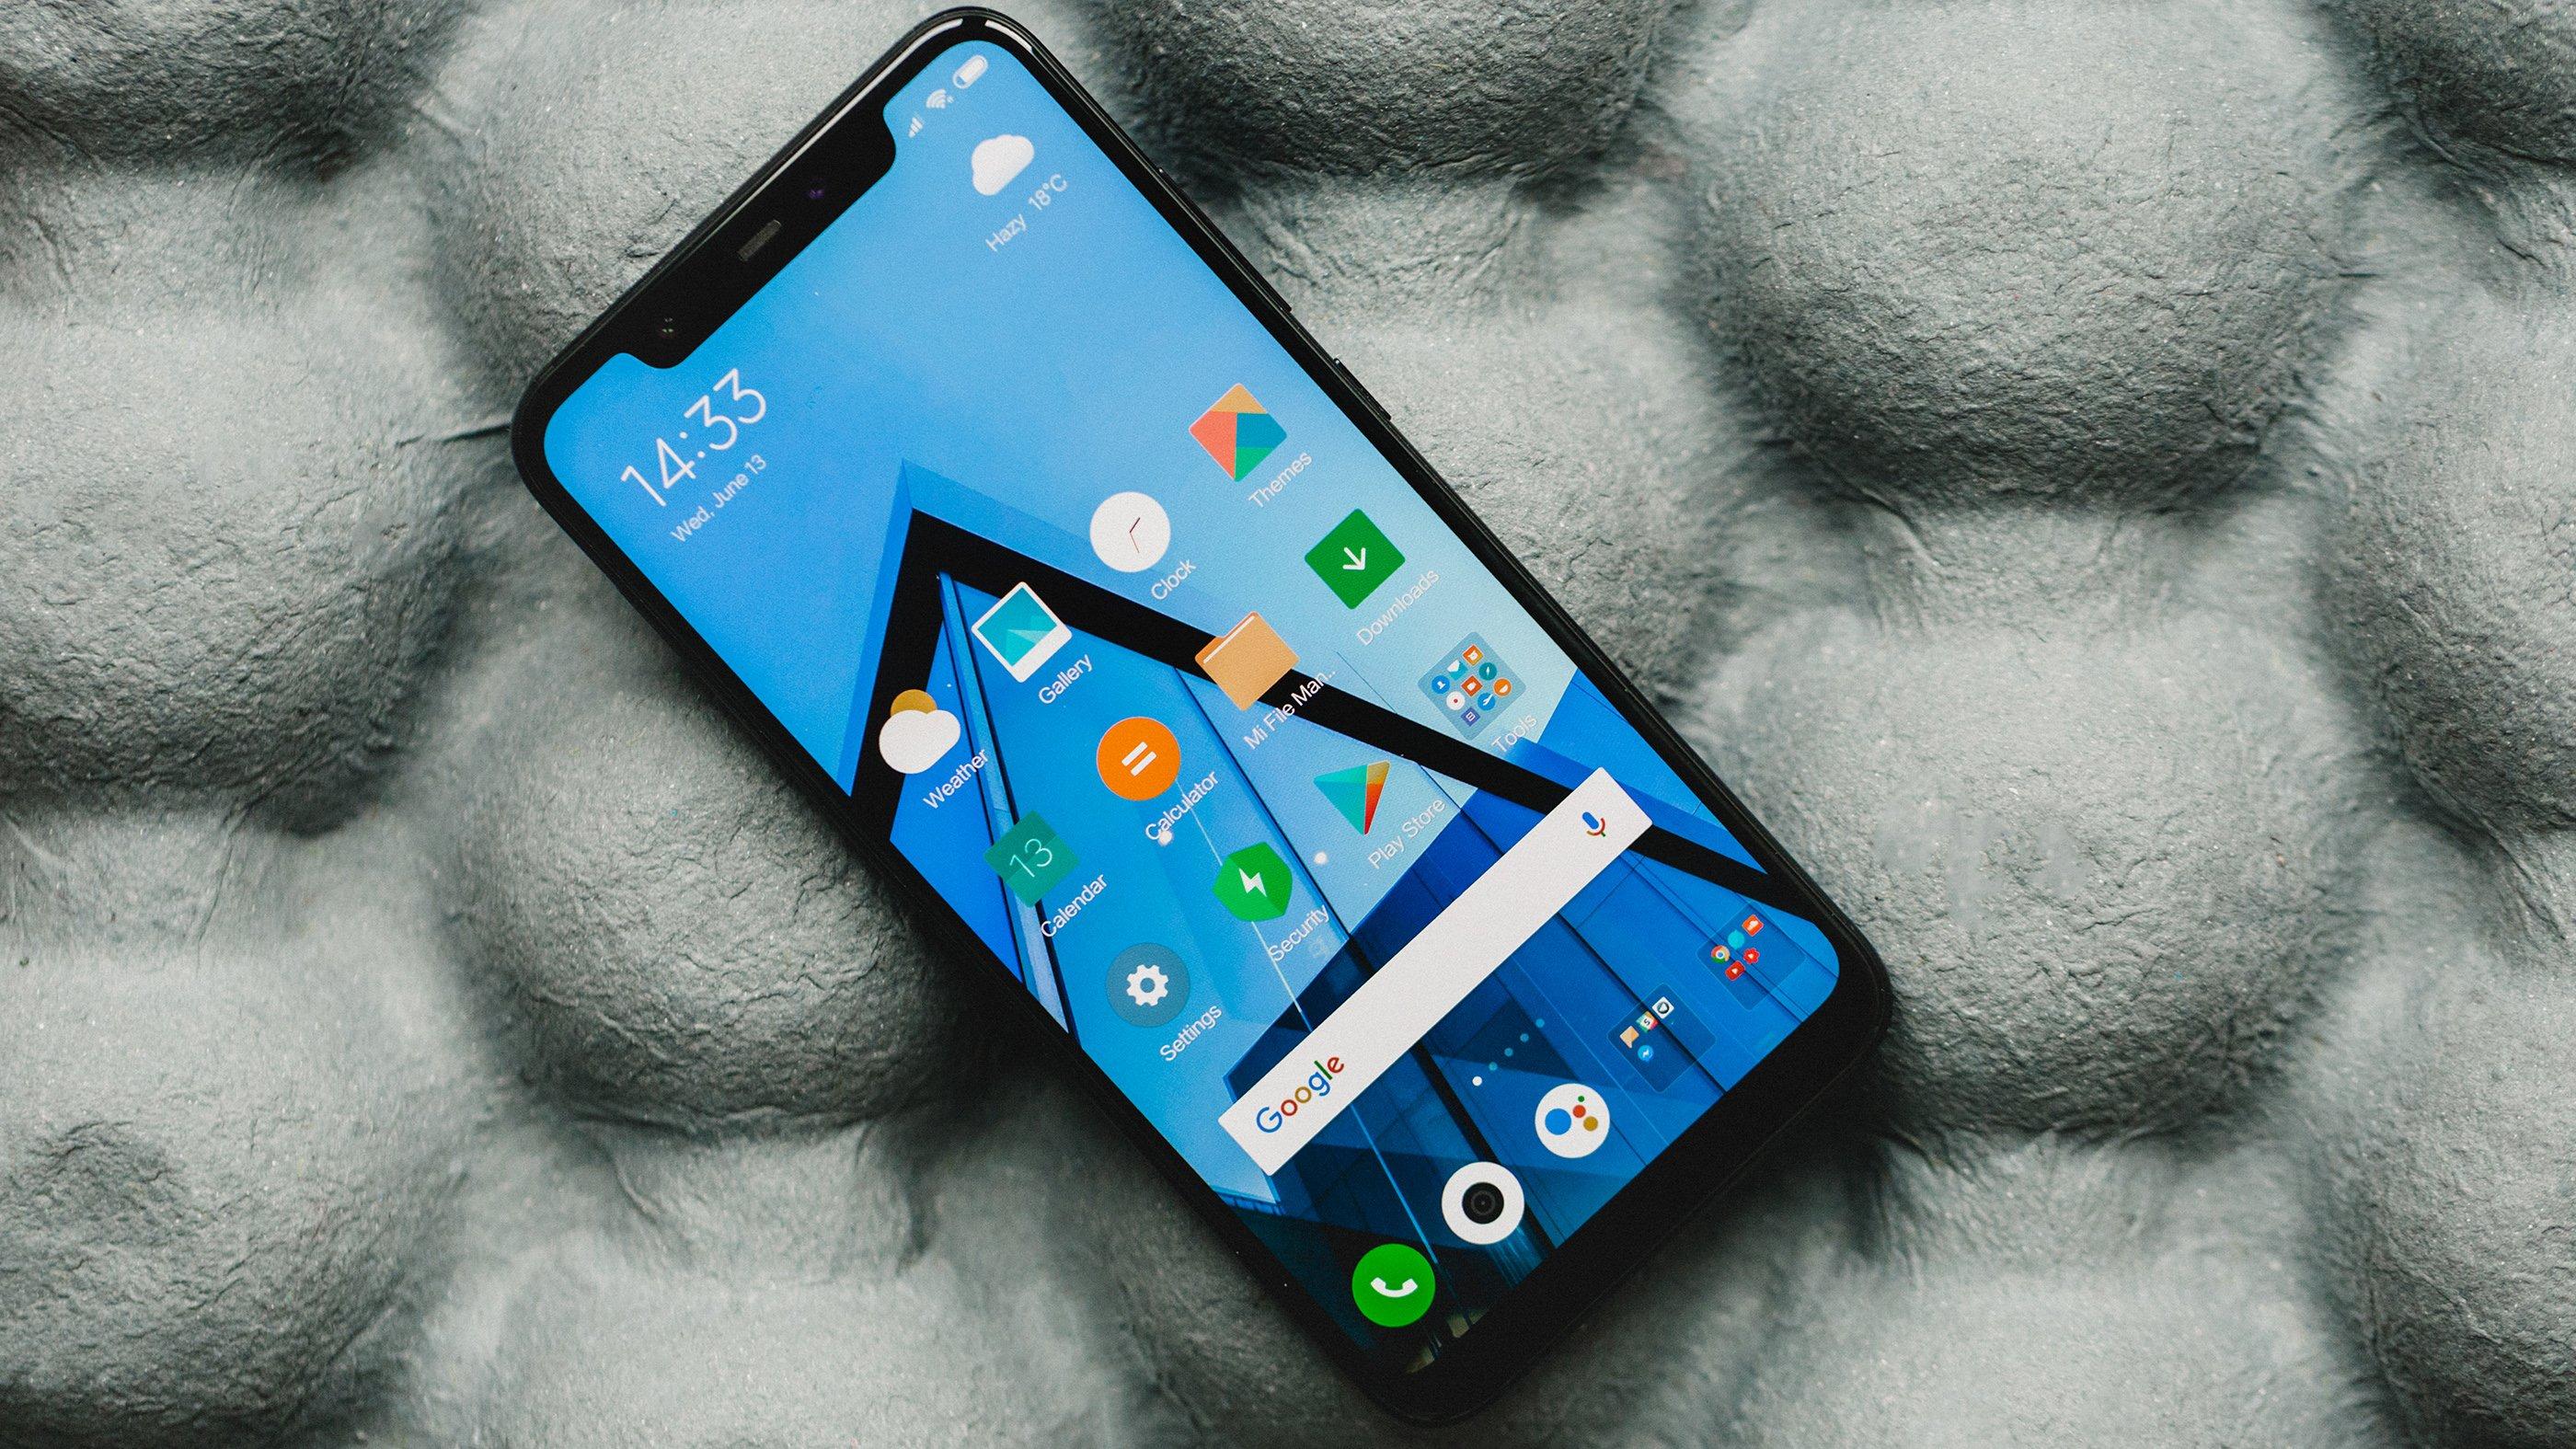 المقارنة الشاملة بين الهاتفين المميزين Xiaomi Mi 8 وHuawei Nova 3